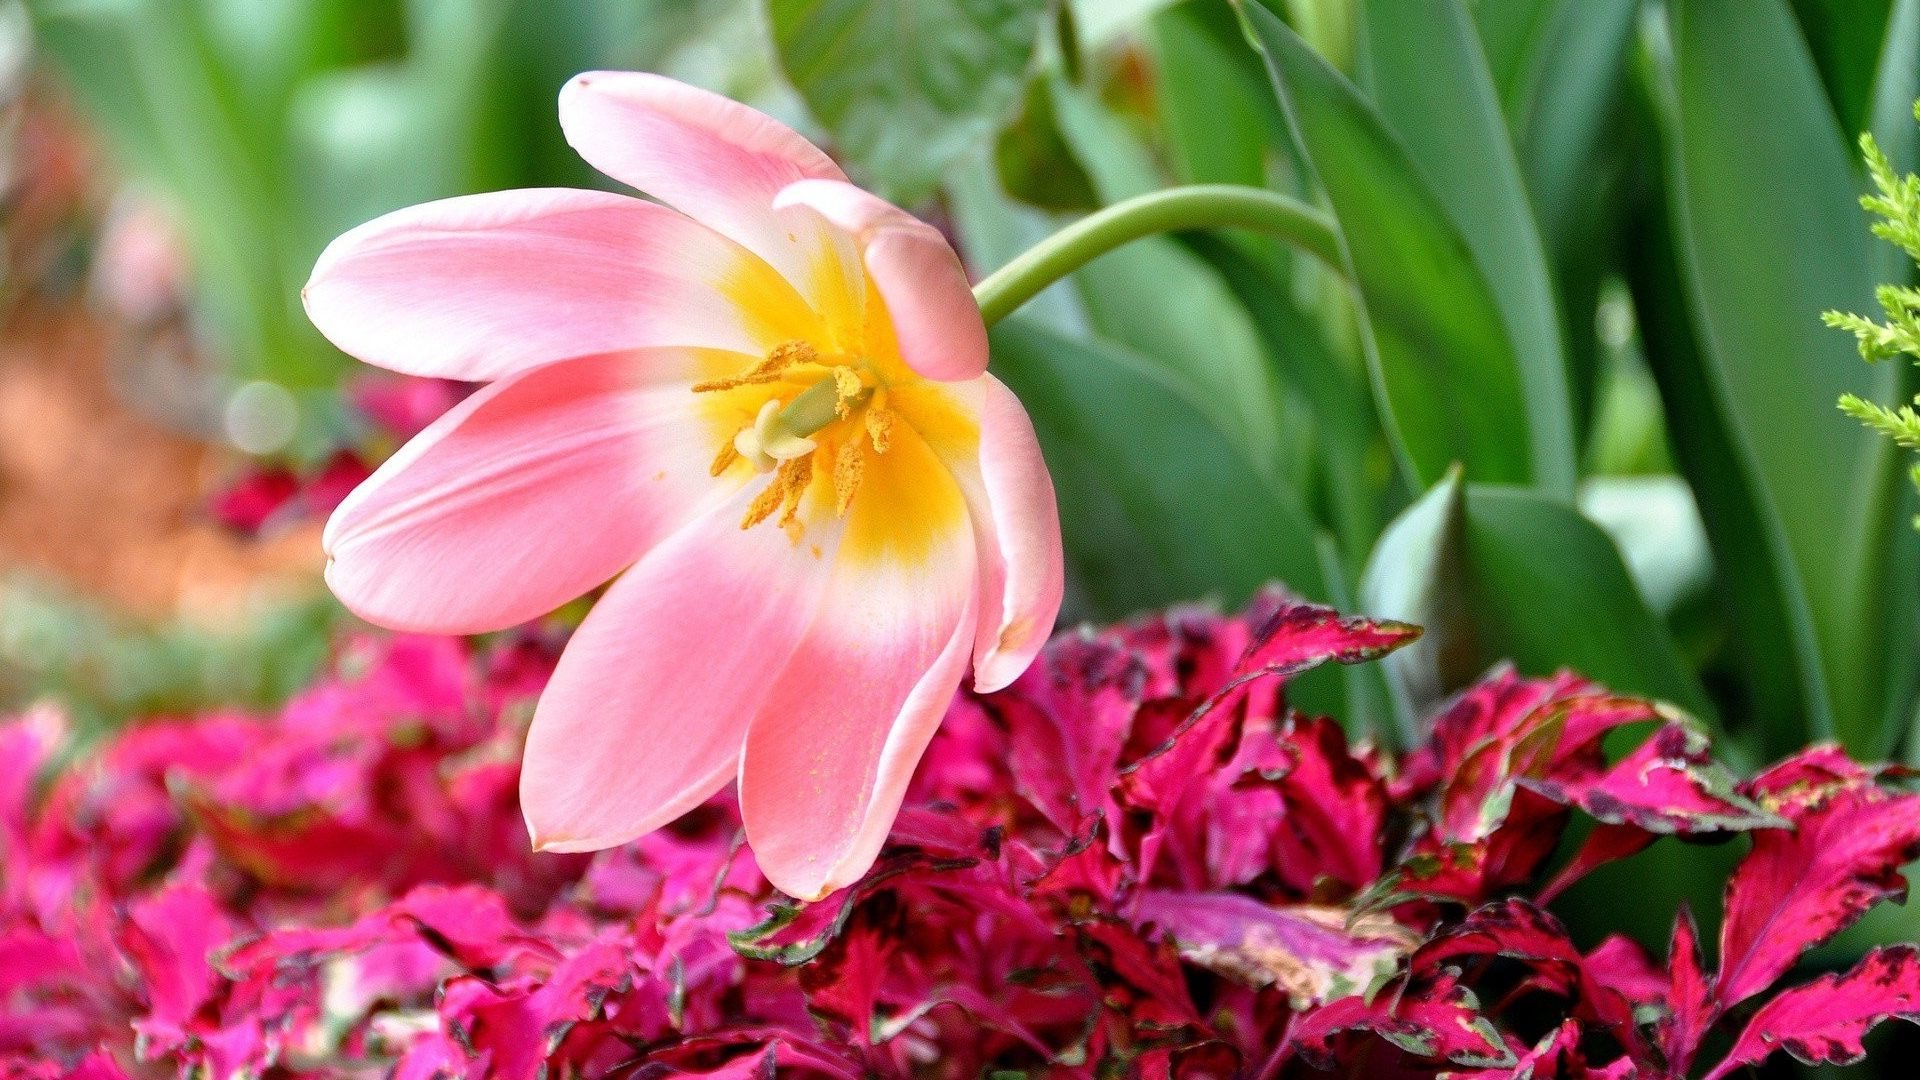 красивый цветок картинка хорошее качество